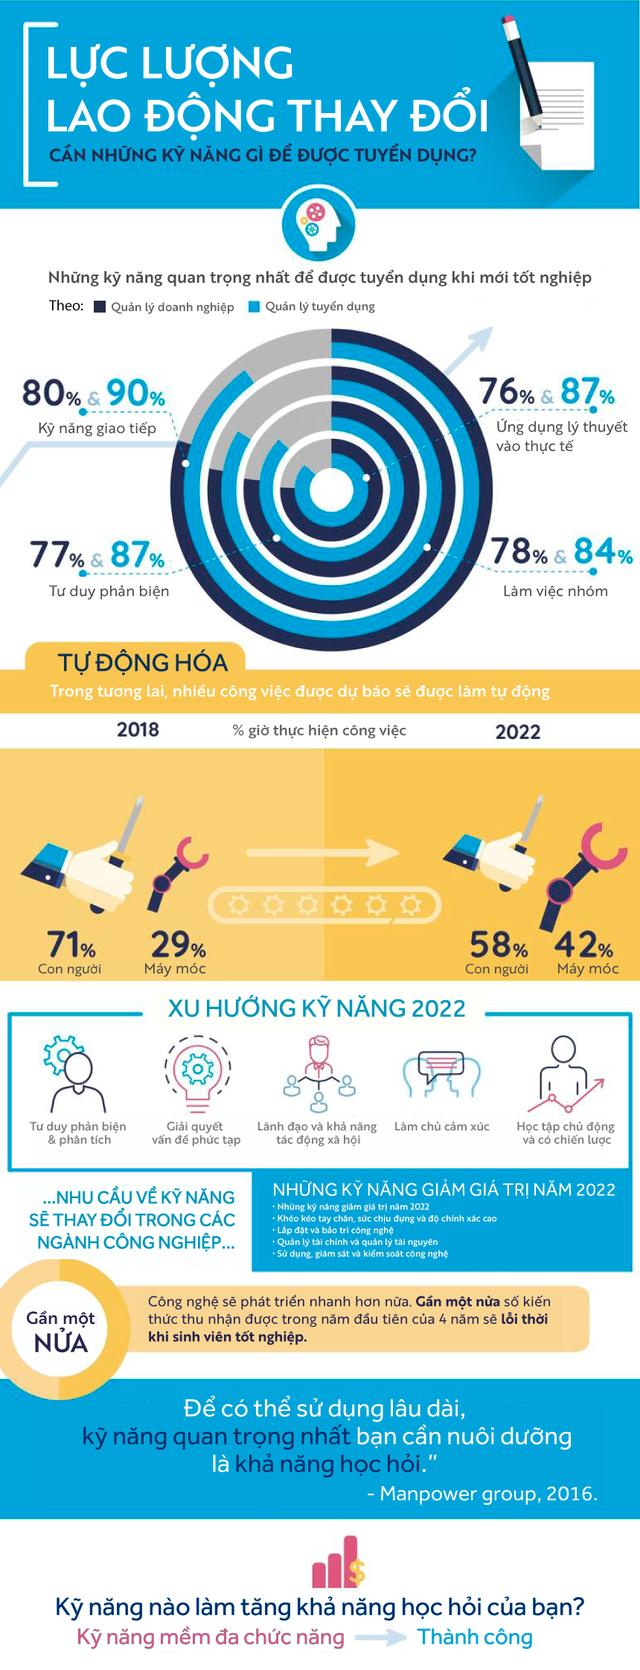 [Infographic] Những kỹ năng quan trọng nhất cho lao động trong tương lai - Ảnh 1.